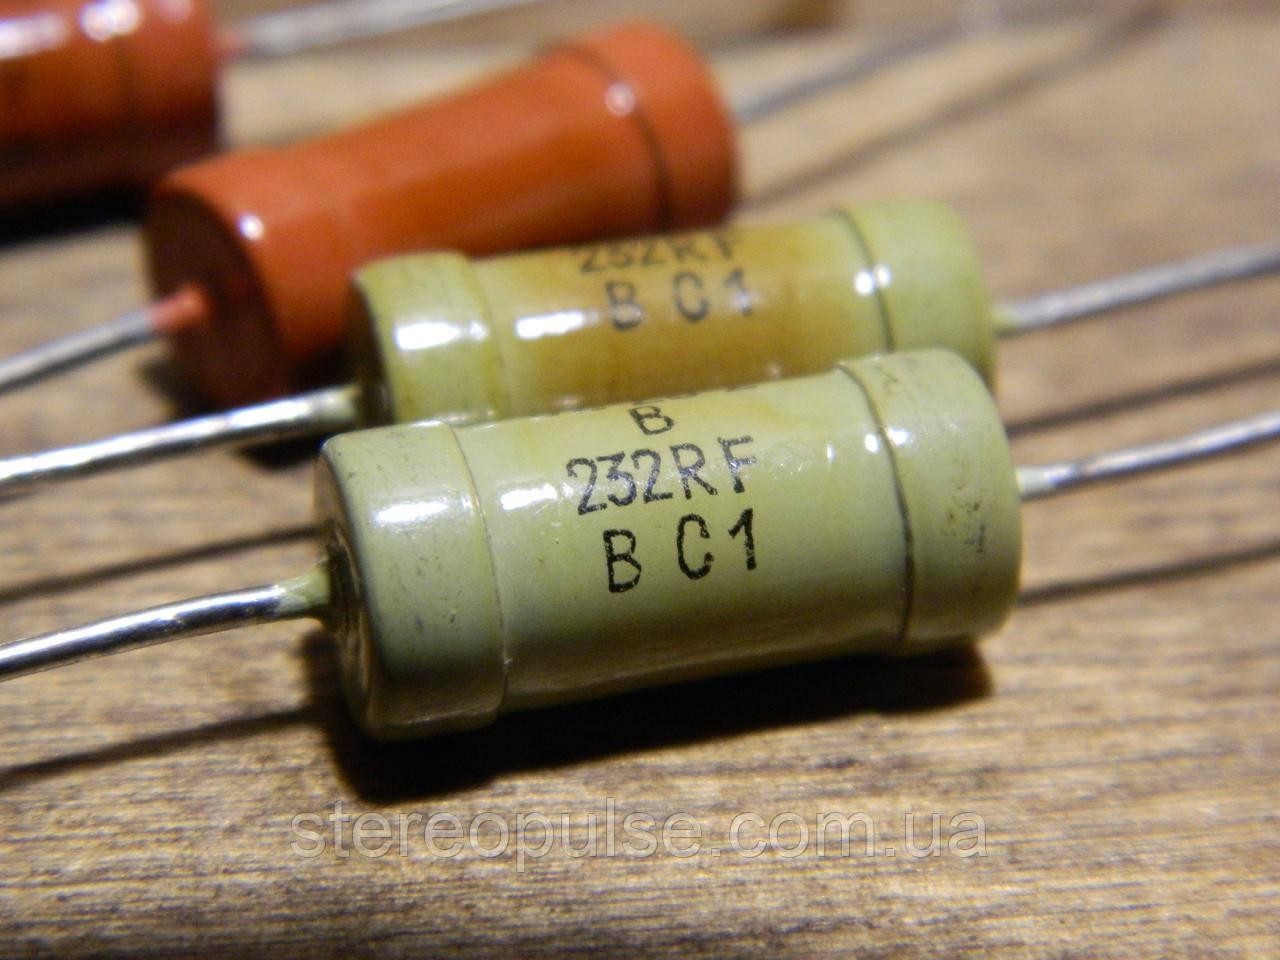 Резистор  С2 - 23 - 2   232 Ом  1%